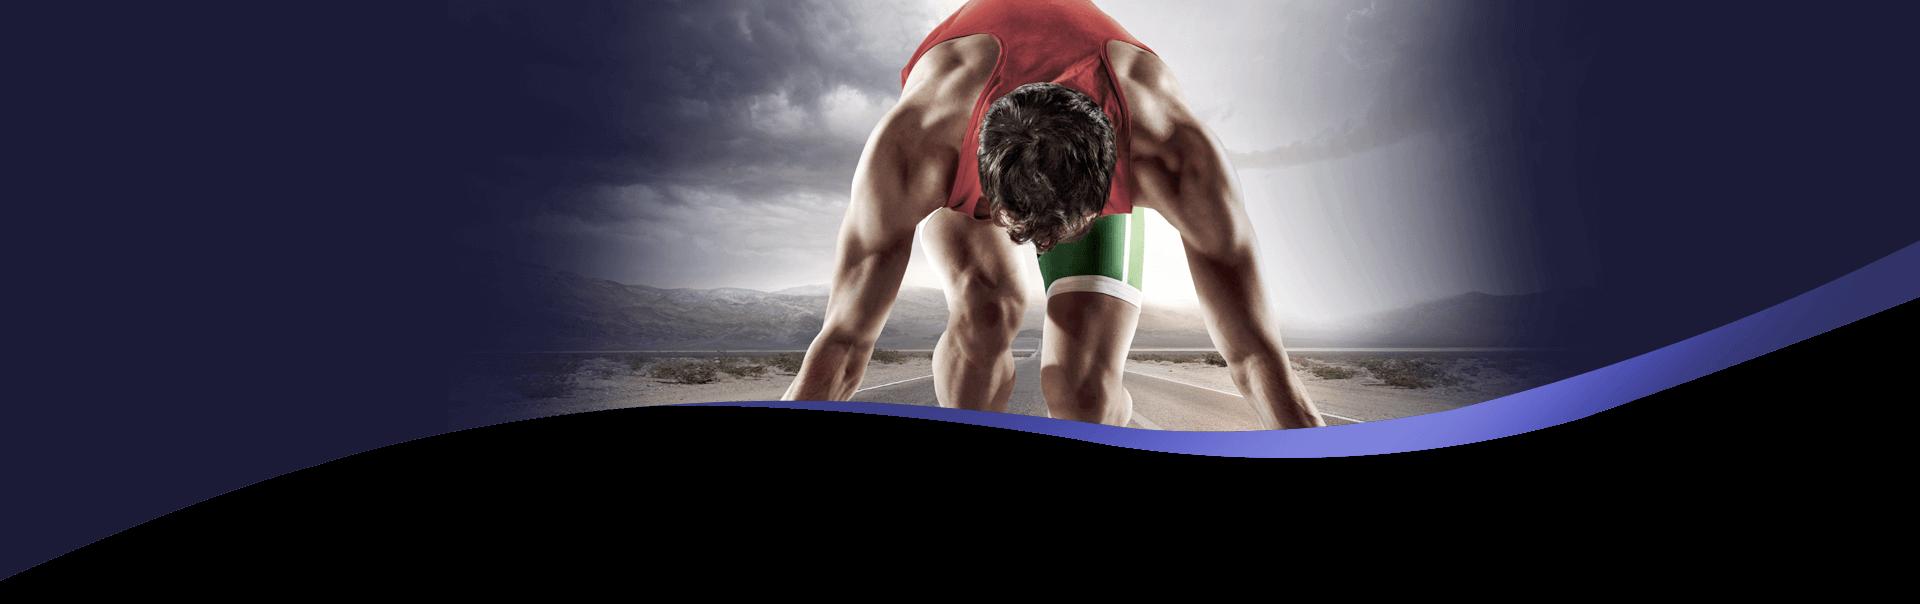 Incentivo ao Esporte - Lei de Incentivo ao Esporte. Manual da Lei de  Incentivo ao Esporte